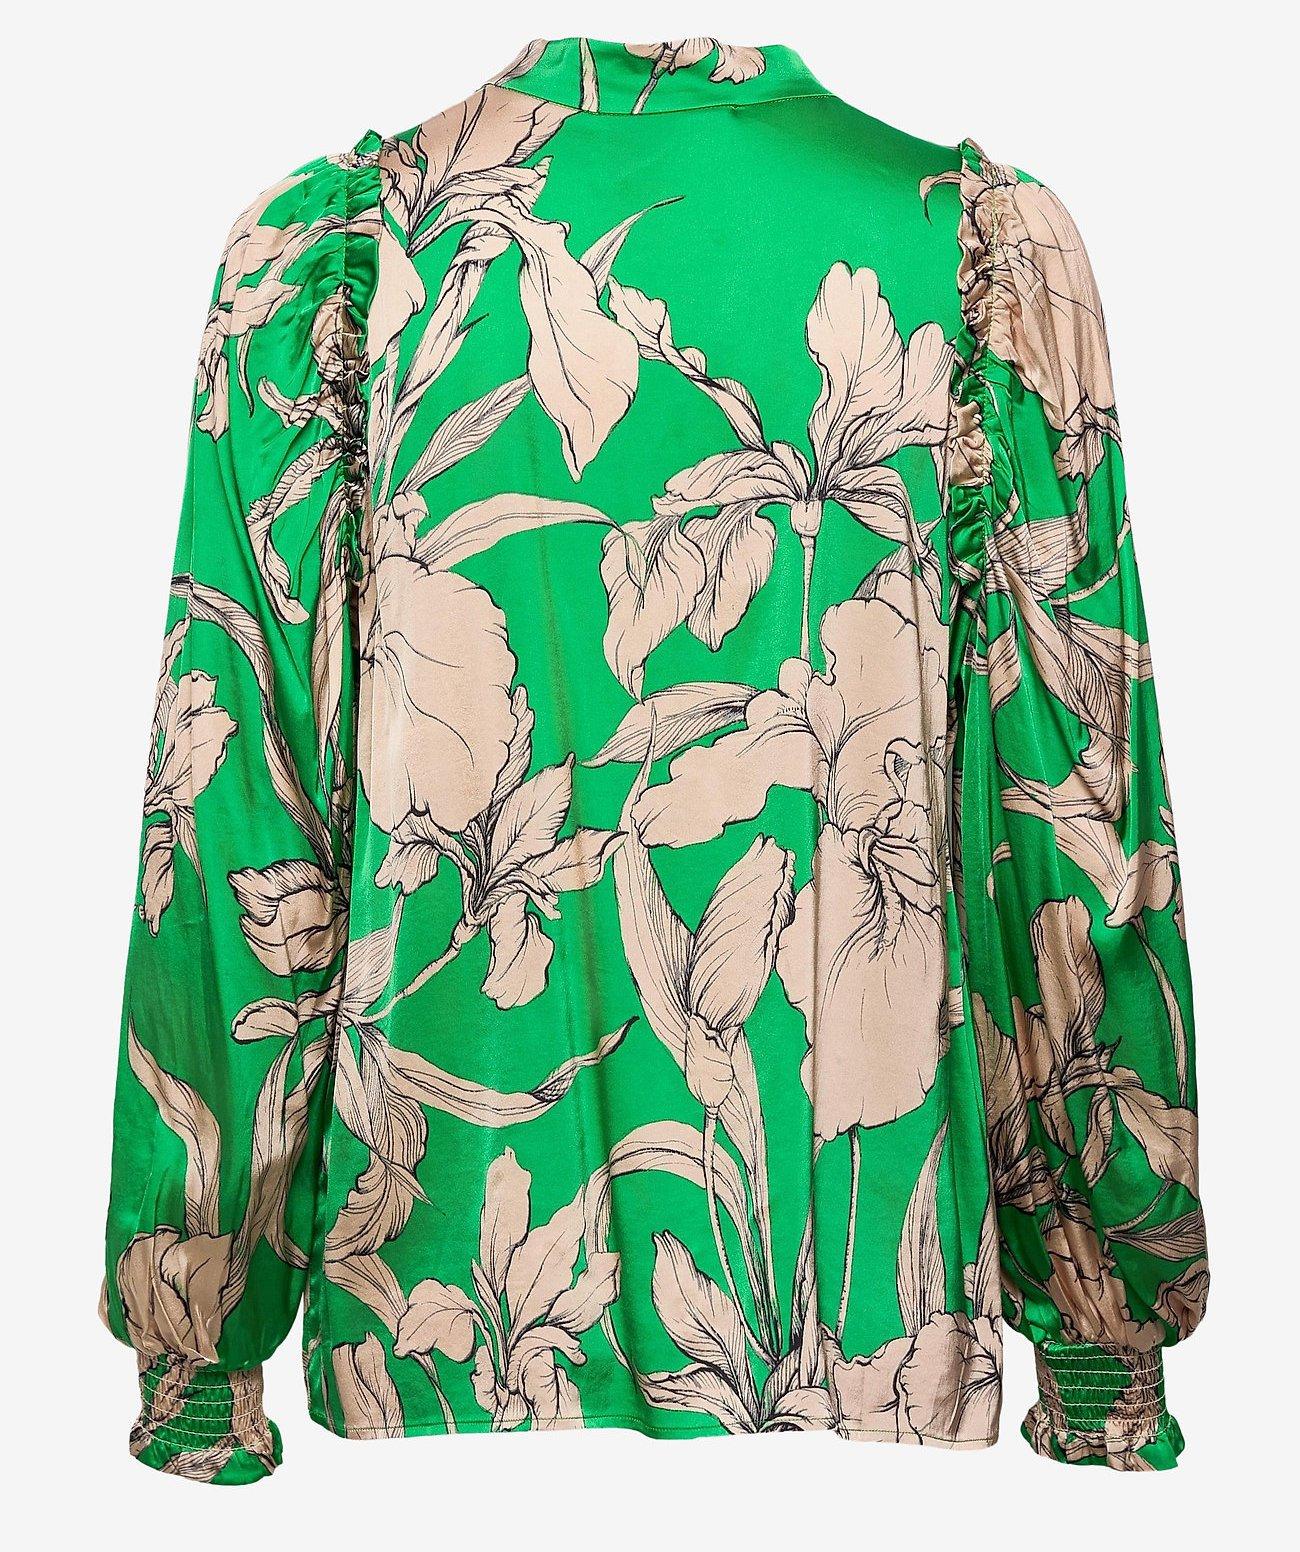 Munthe Dames blouse, groen